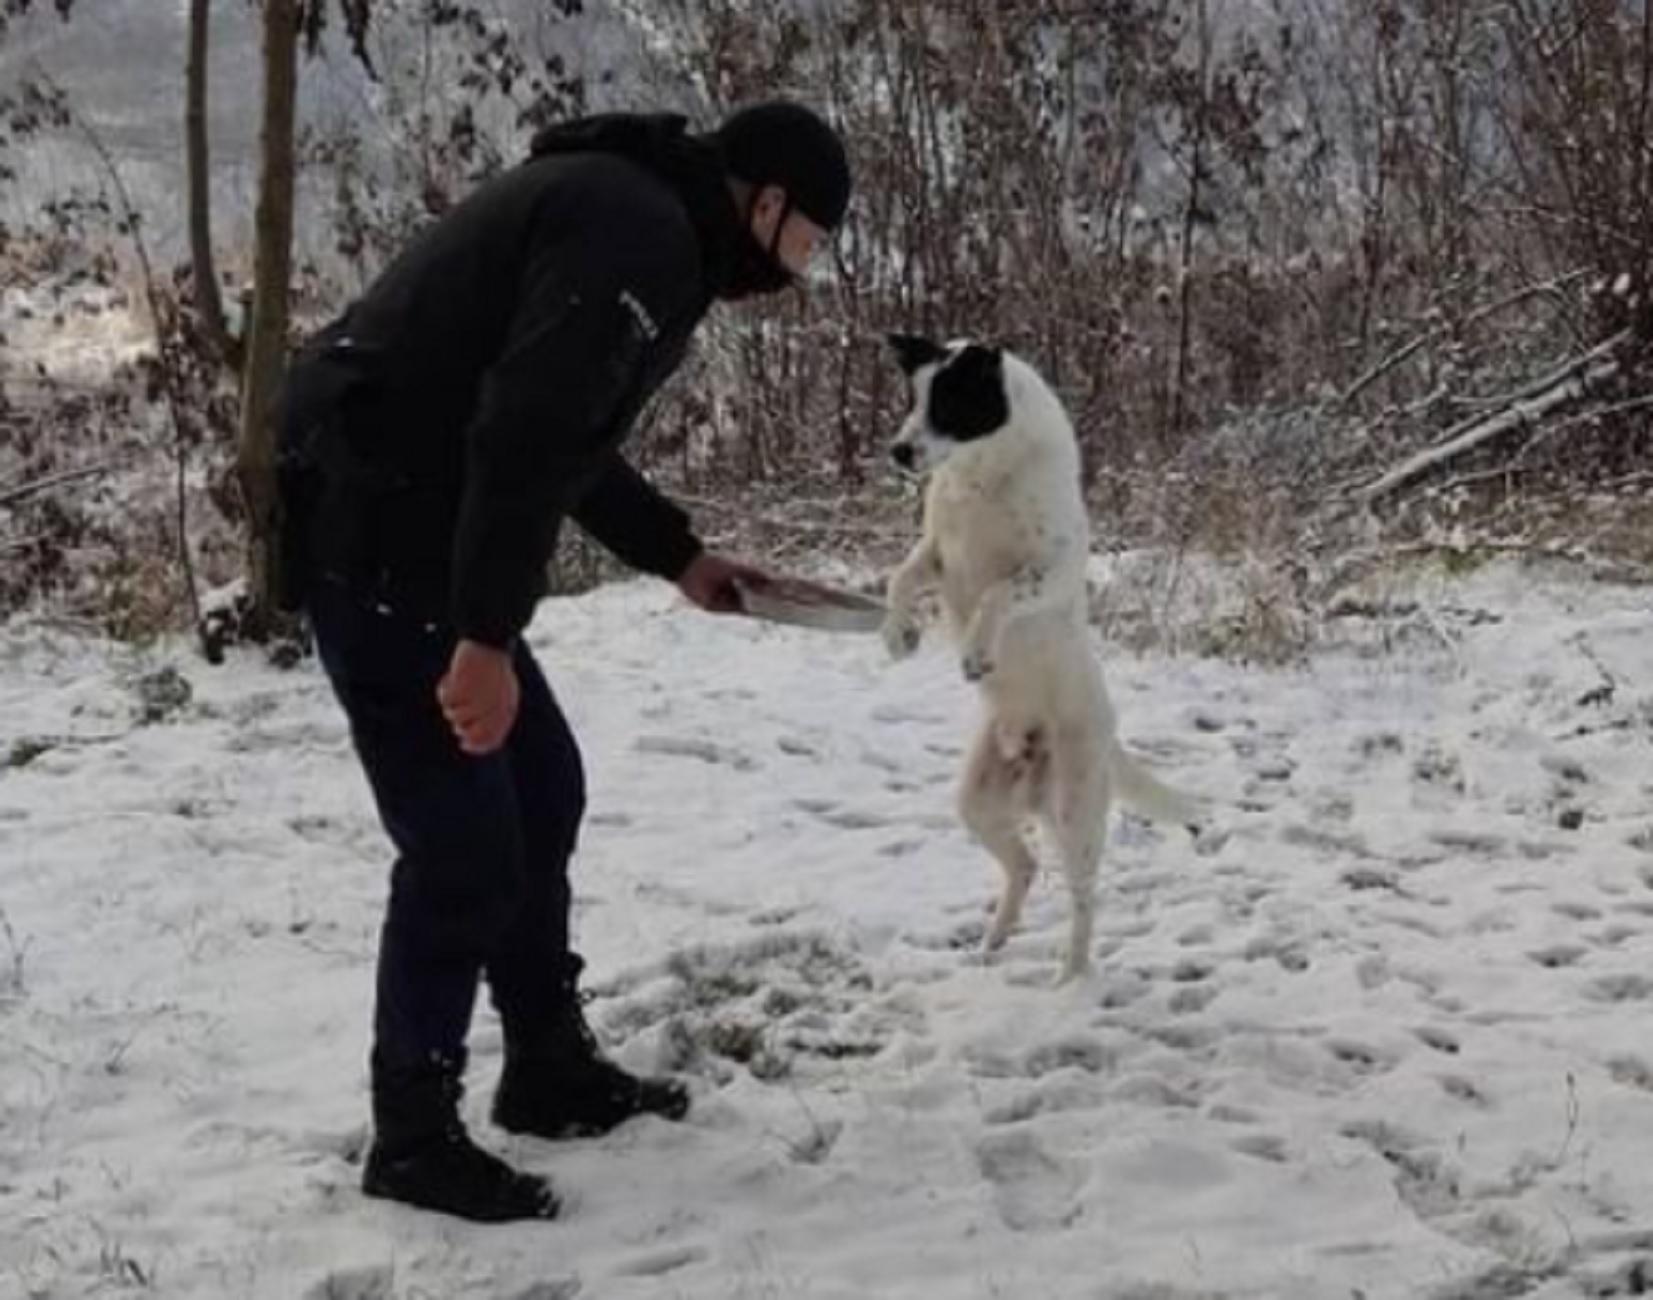 Ήπειρος: Η κίνηση αγάπης αστυνομικού σε αδέσποτο σκύλο που έγινε viral μέσα σε λίγες ώρες (pic)